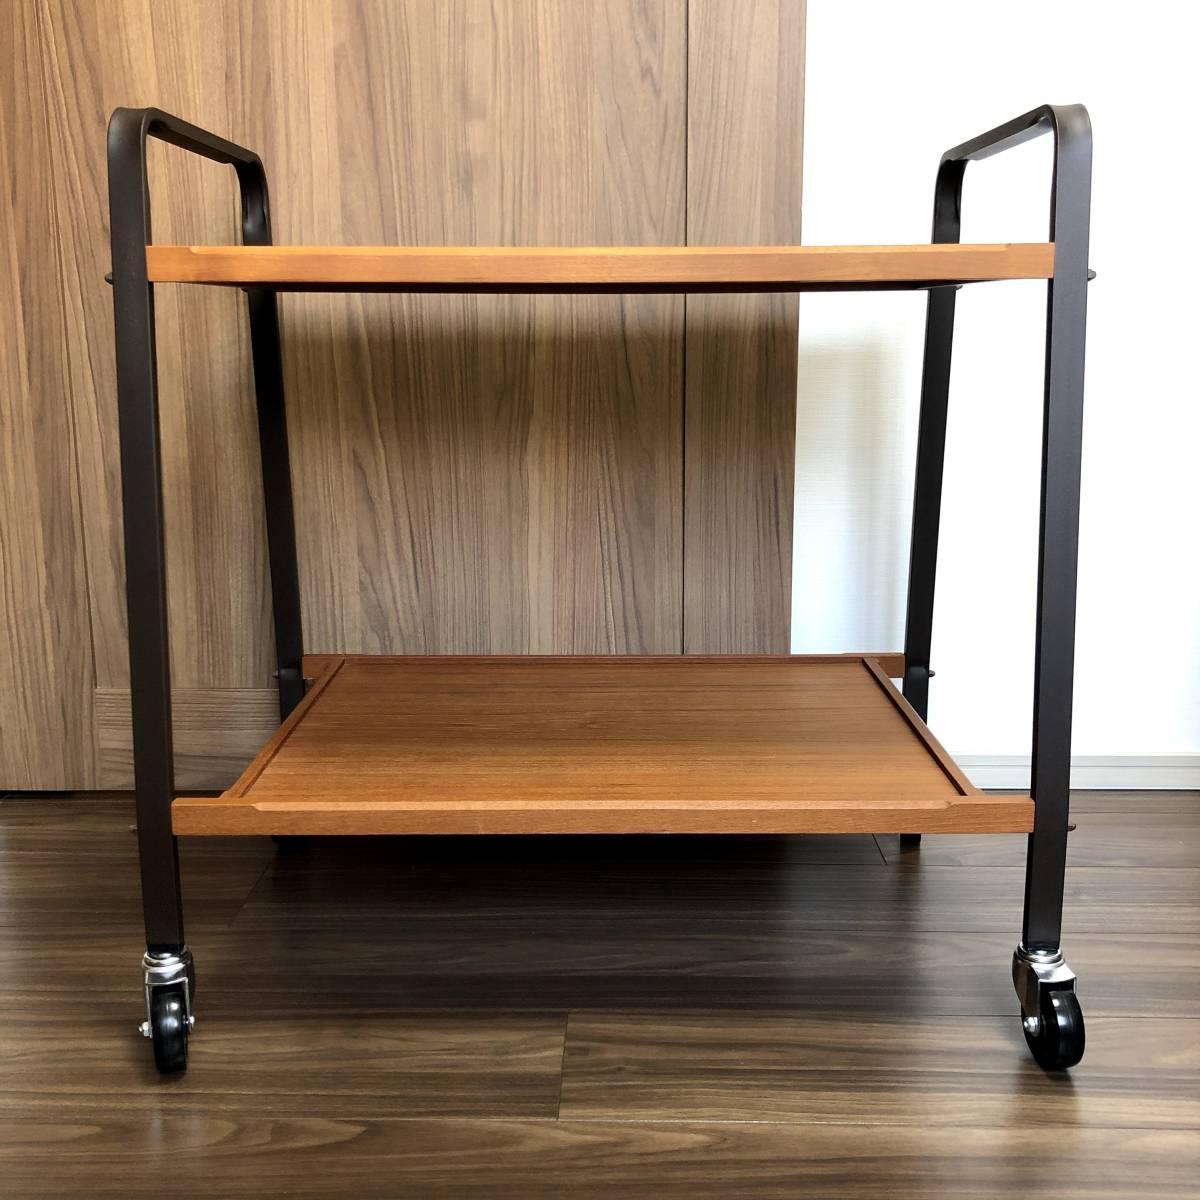 【東京手渡し可】TRUCK furniture トラックファニチャー SERVING CART サービングカート_画像1